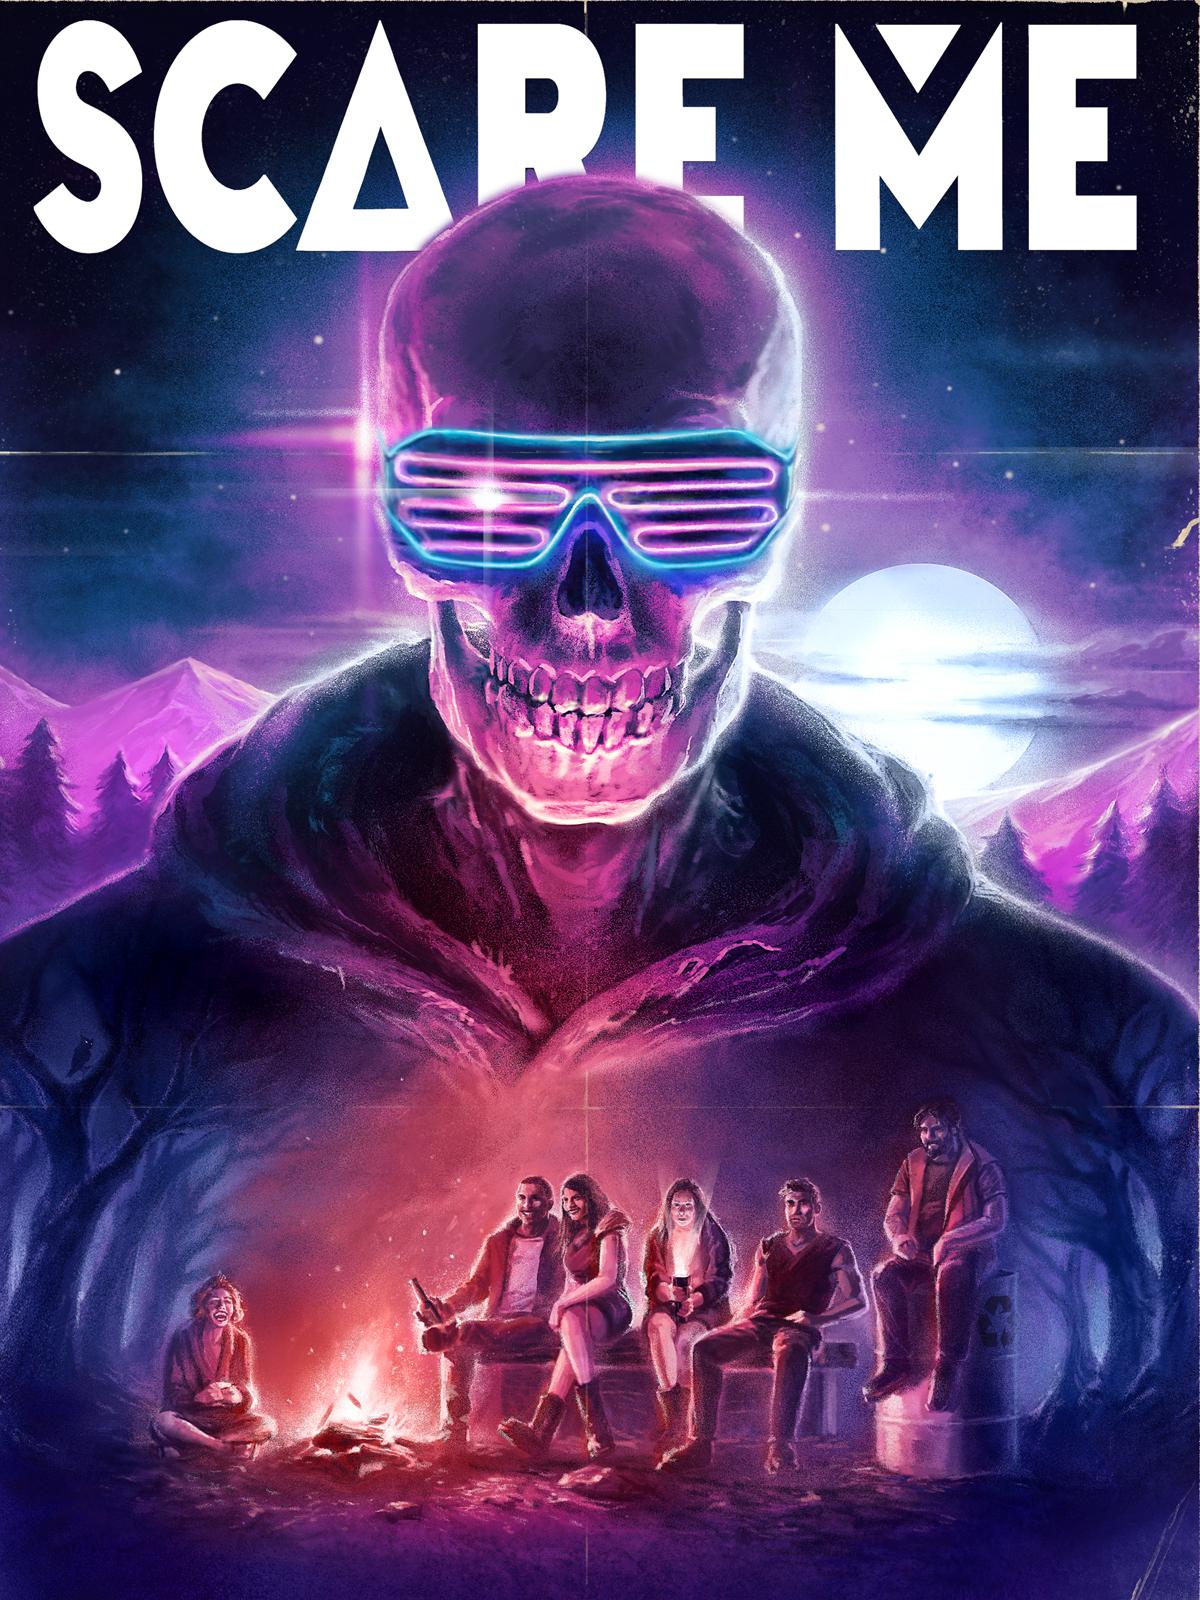 Scare Me (2020) - IMDb